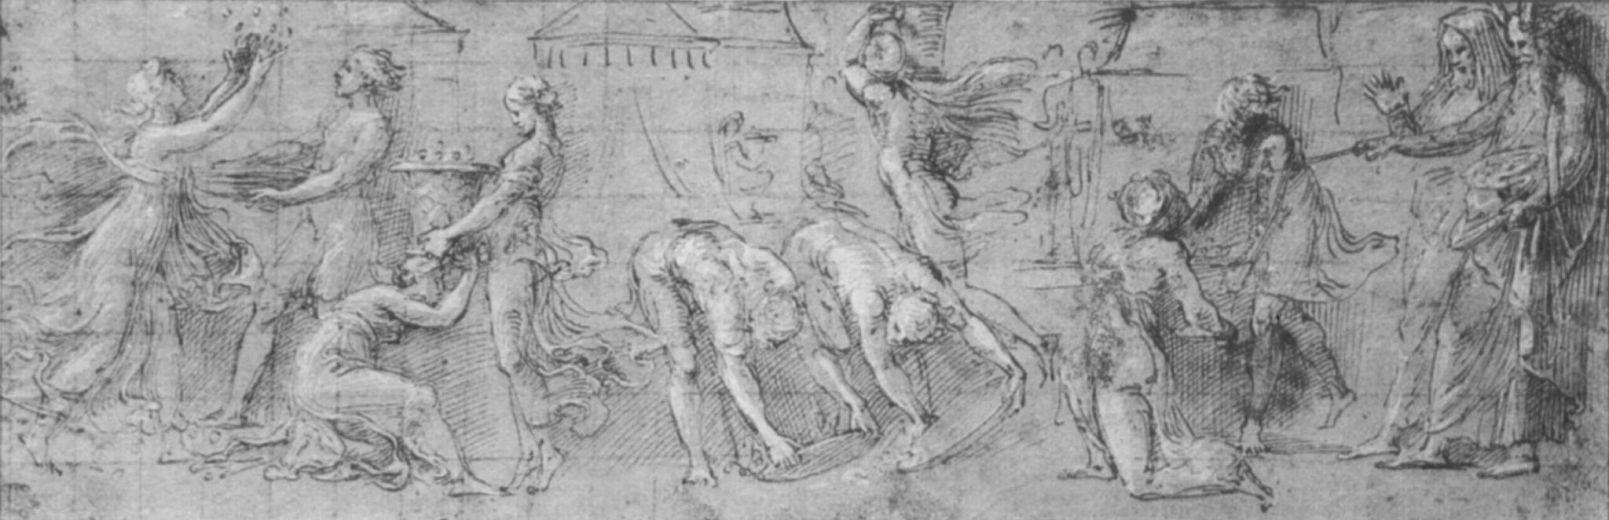 Джованни Франческо Пенни. Сбор манны